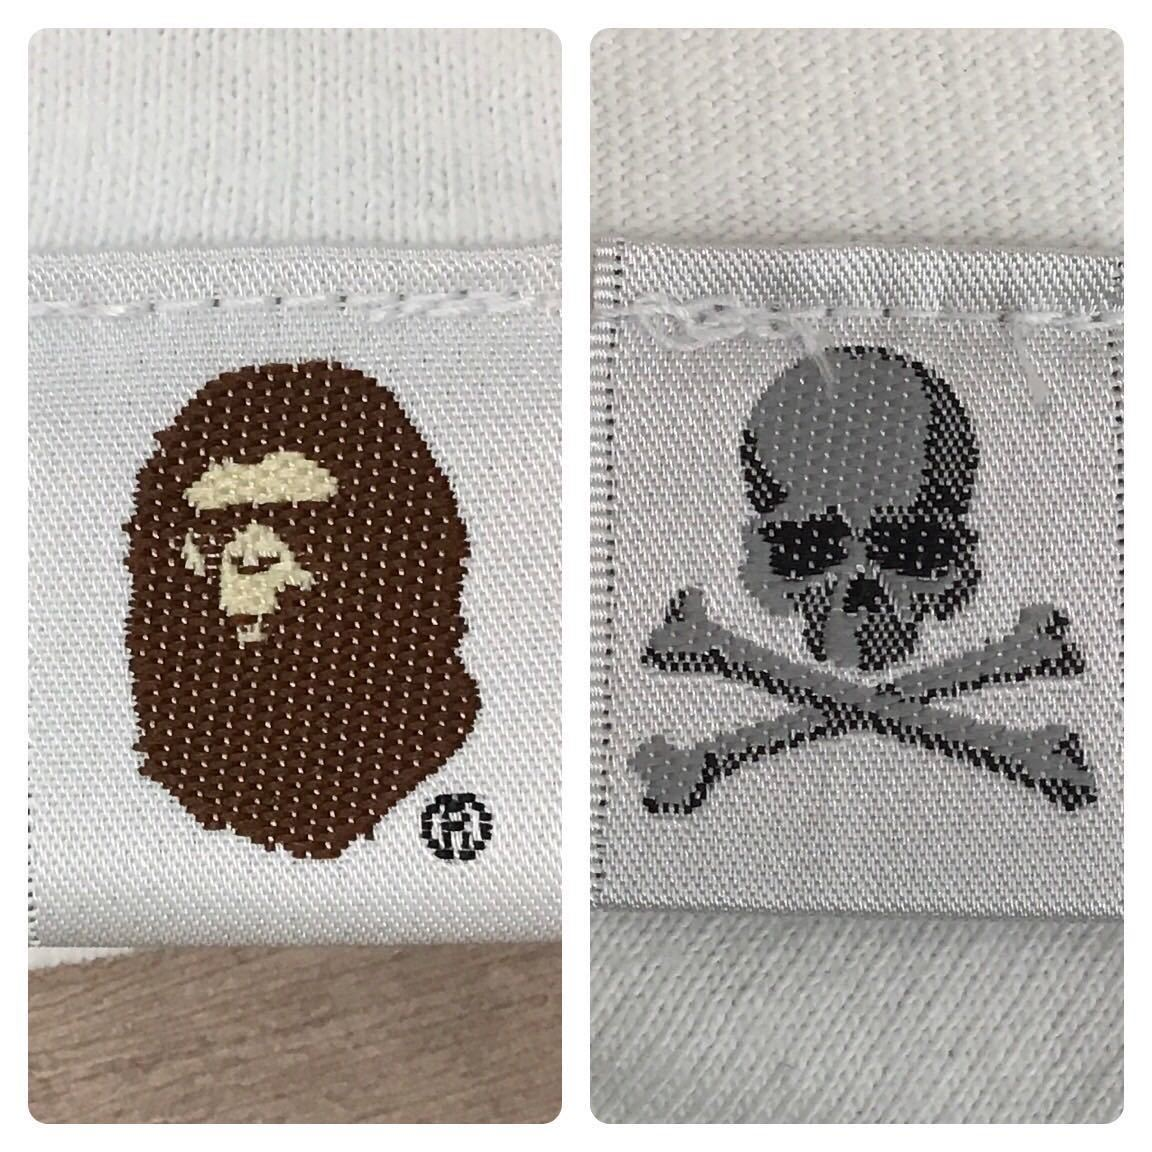 ★XXL★ mastermind × bape Tシャツ マスターマインド a bathing ape エイプ ベイプ アベイシングエイプ MMJ Skull camo 迷彩 nigo 2XL oc